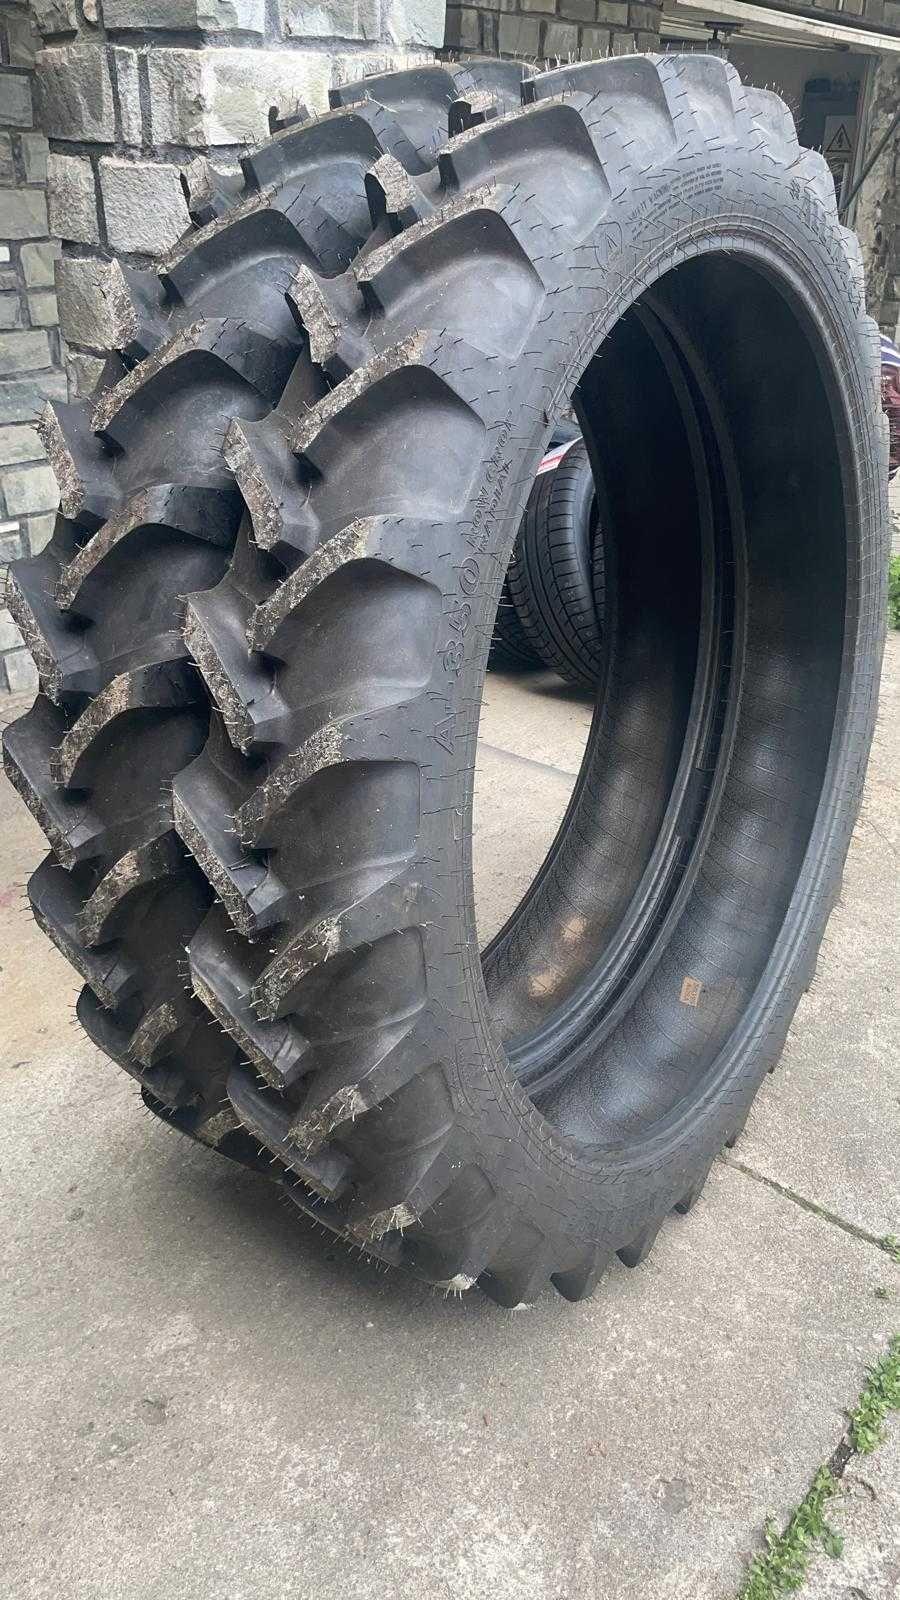 Cauciucuri noi 9.5R44 ALLIANCE 230/95R44 anvelope radiale tubeless